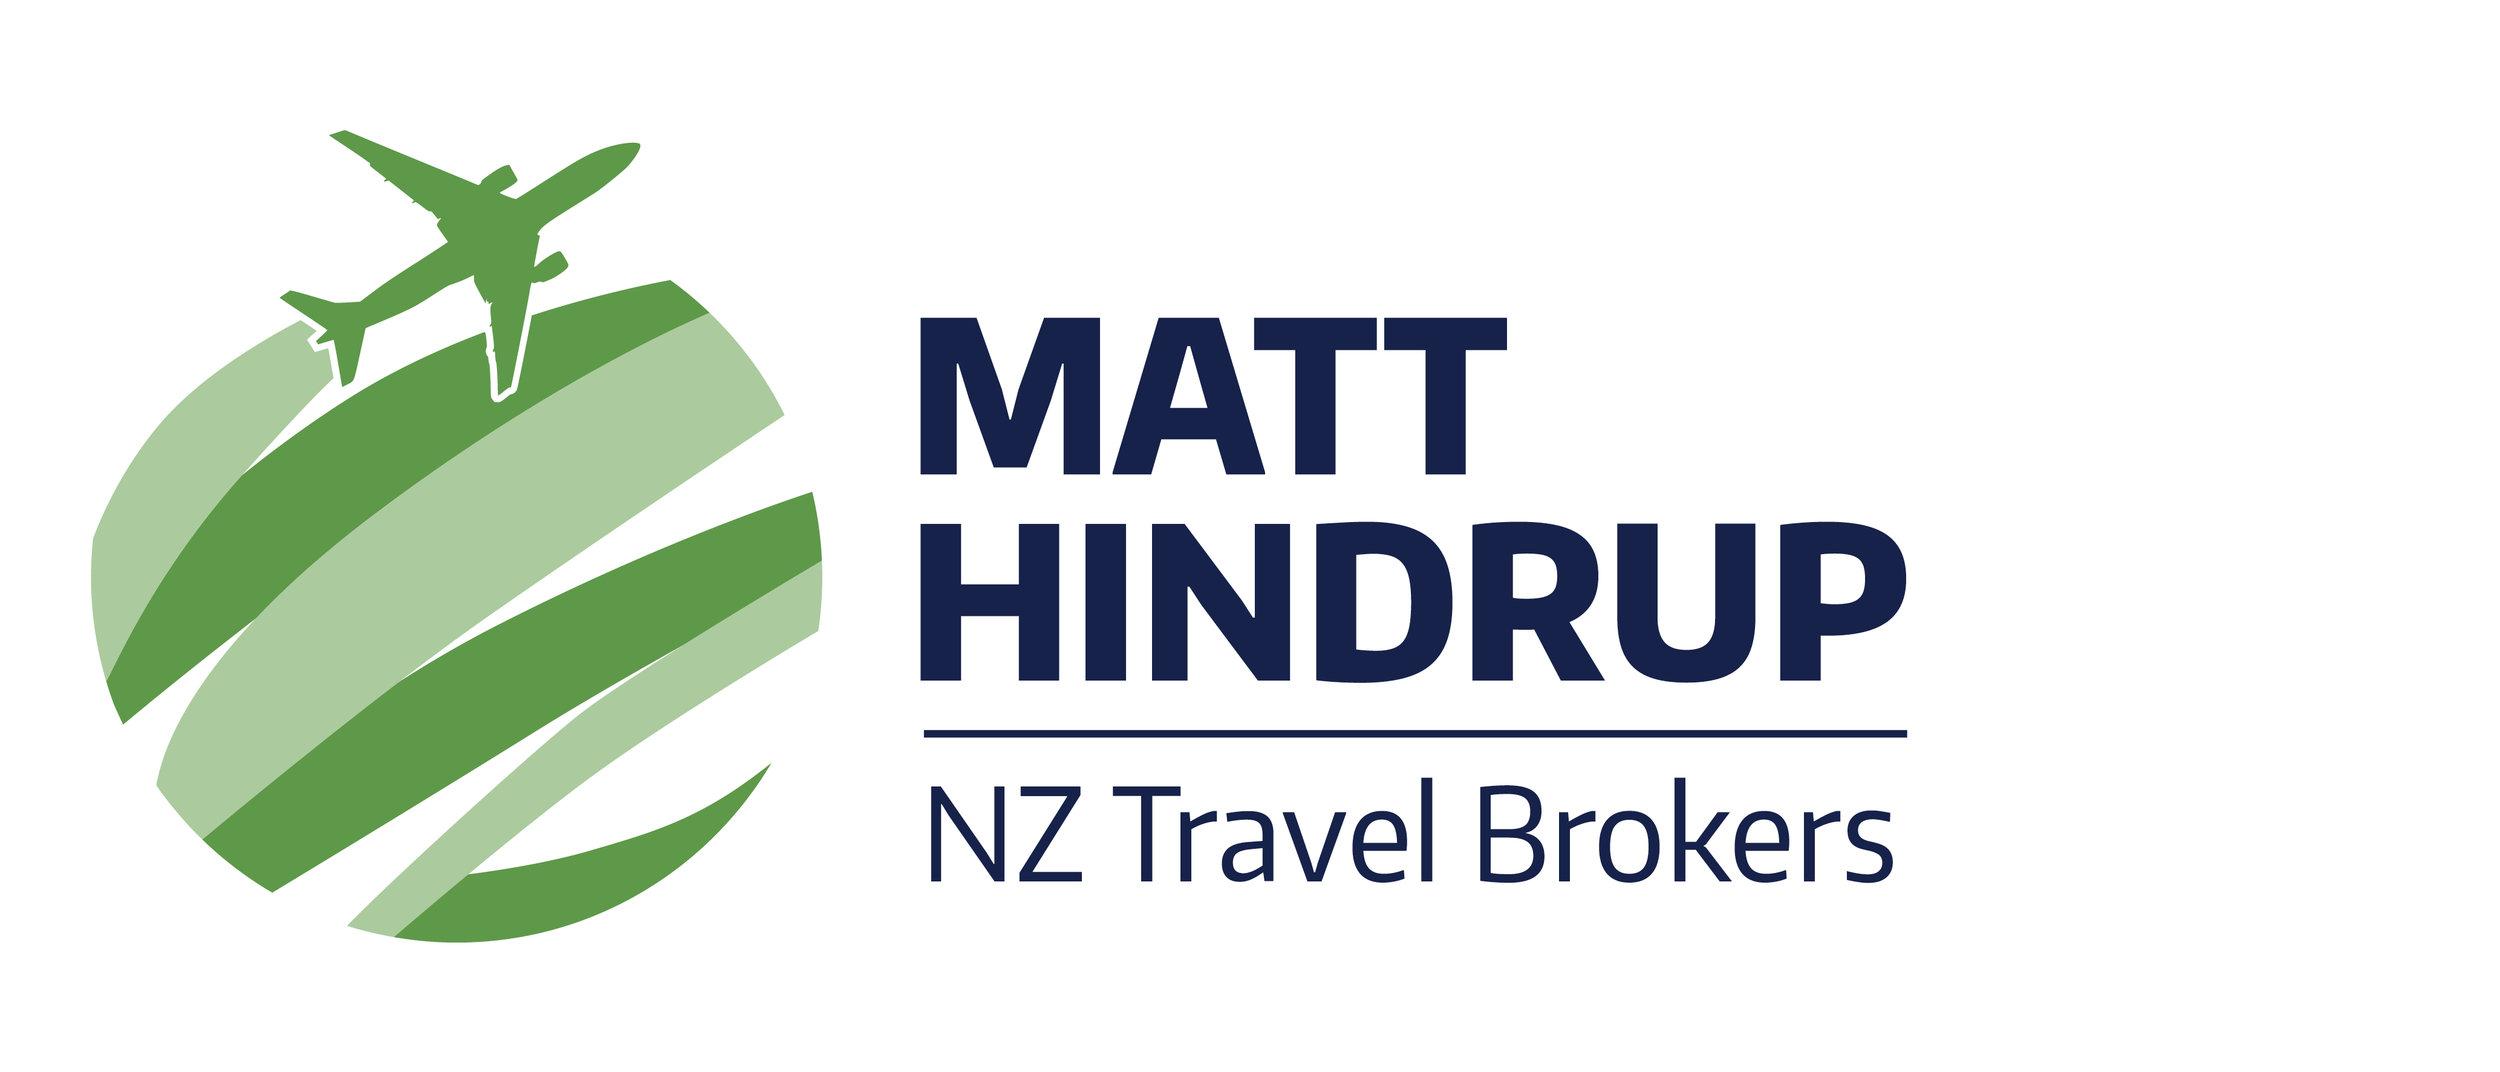 NZTB - Matt Hindrup.jpg